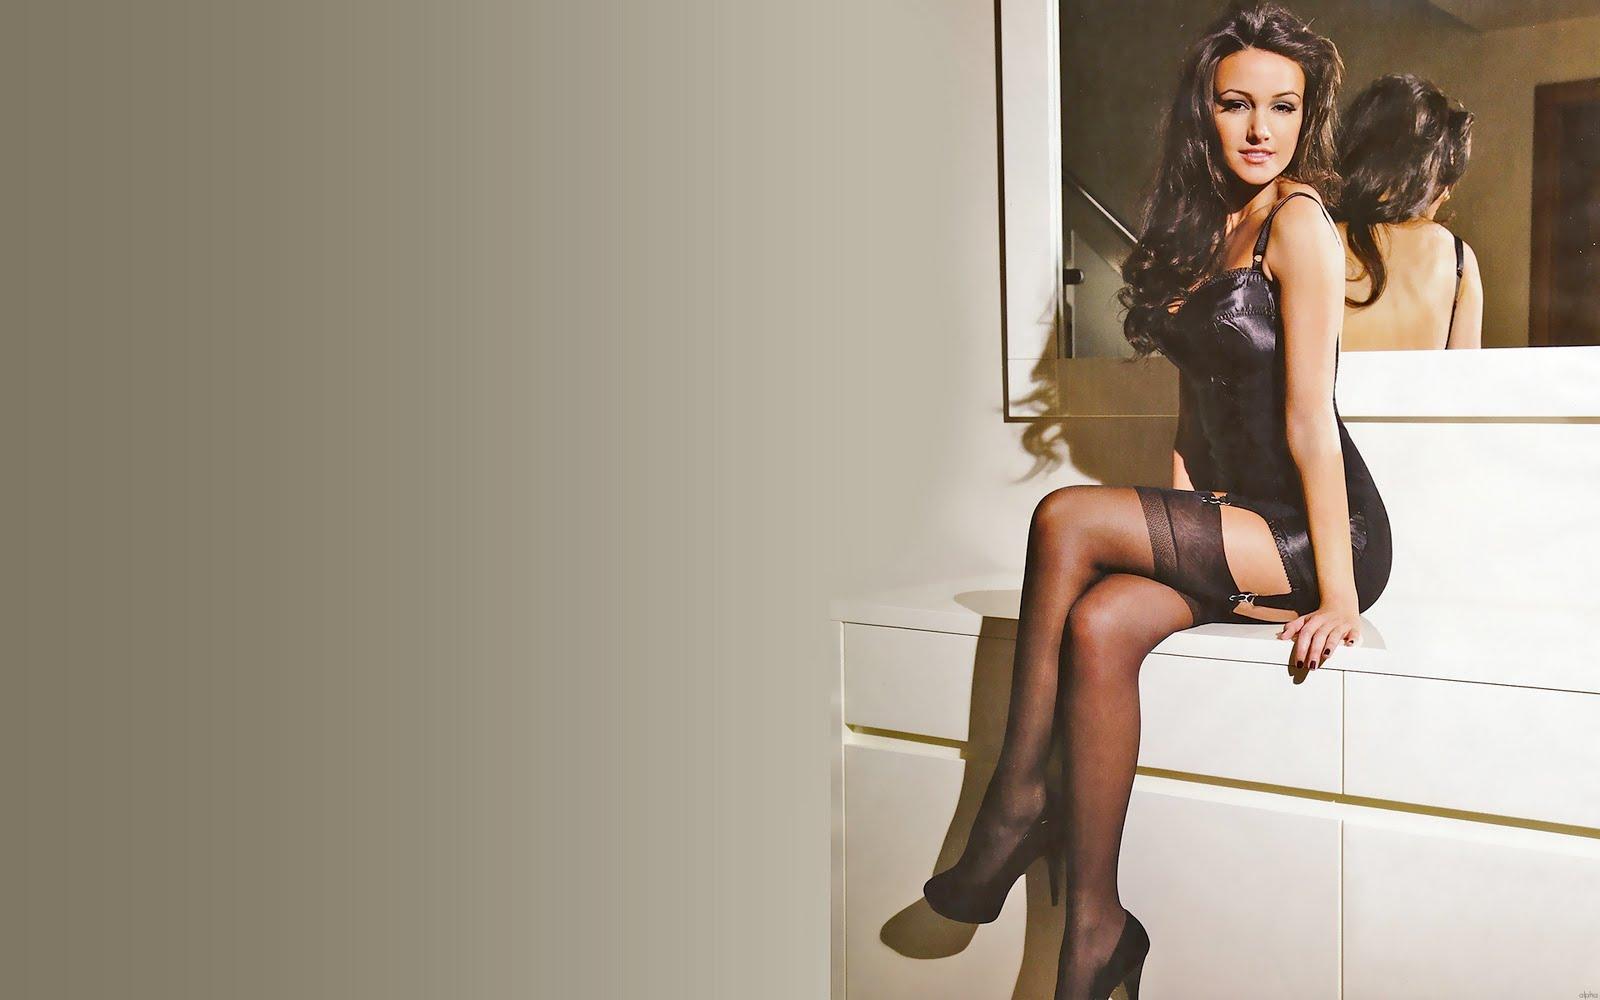 http://4.bp.blogspot.com/-571r04Ozt7E/TXDkBqFrvbI/AAAAAAAAGbQ/yaOuSFpTk0Q/s1600/celebskin_michelle_keegan_lingerie_stockings_wallpaper.jpg